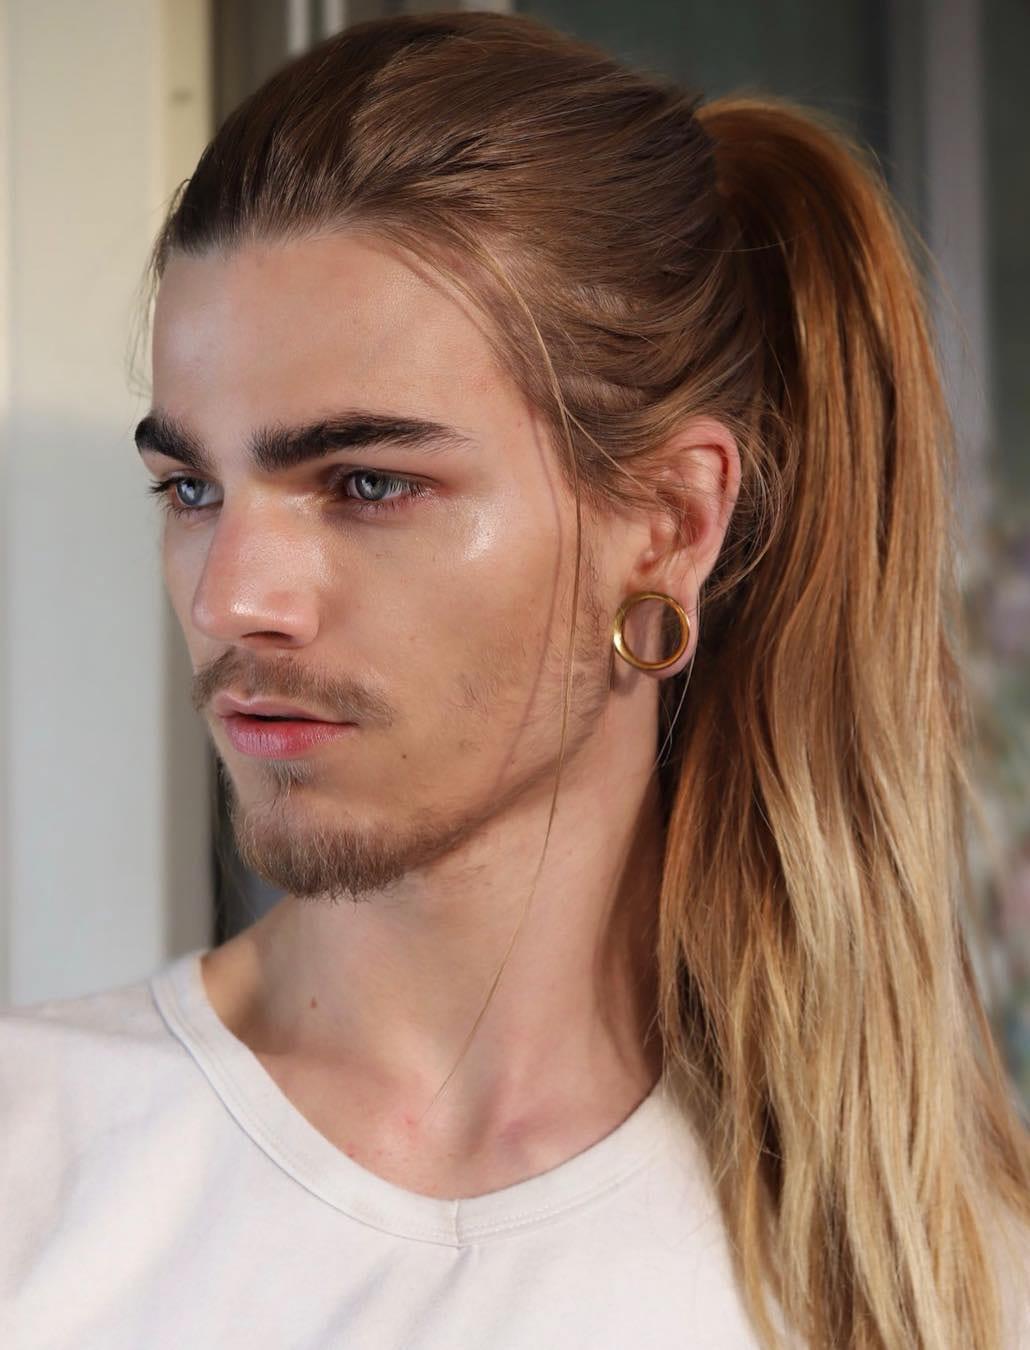 Boys with long hair